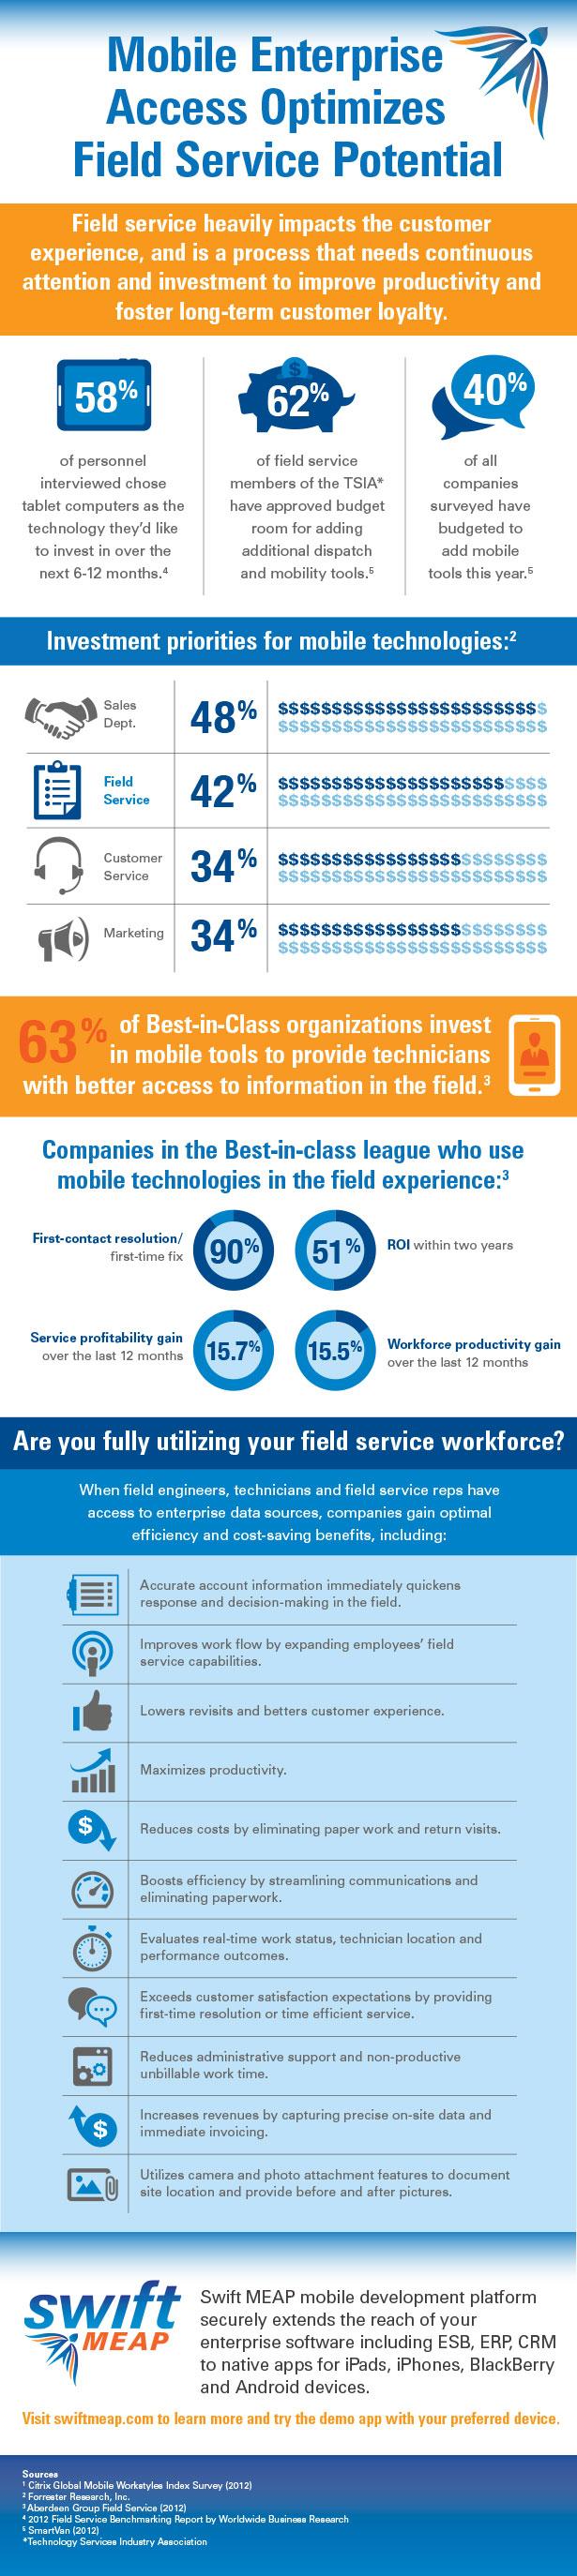 Mobile Enterprise Access Optimizes Field Service Potential